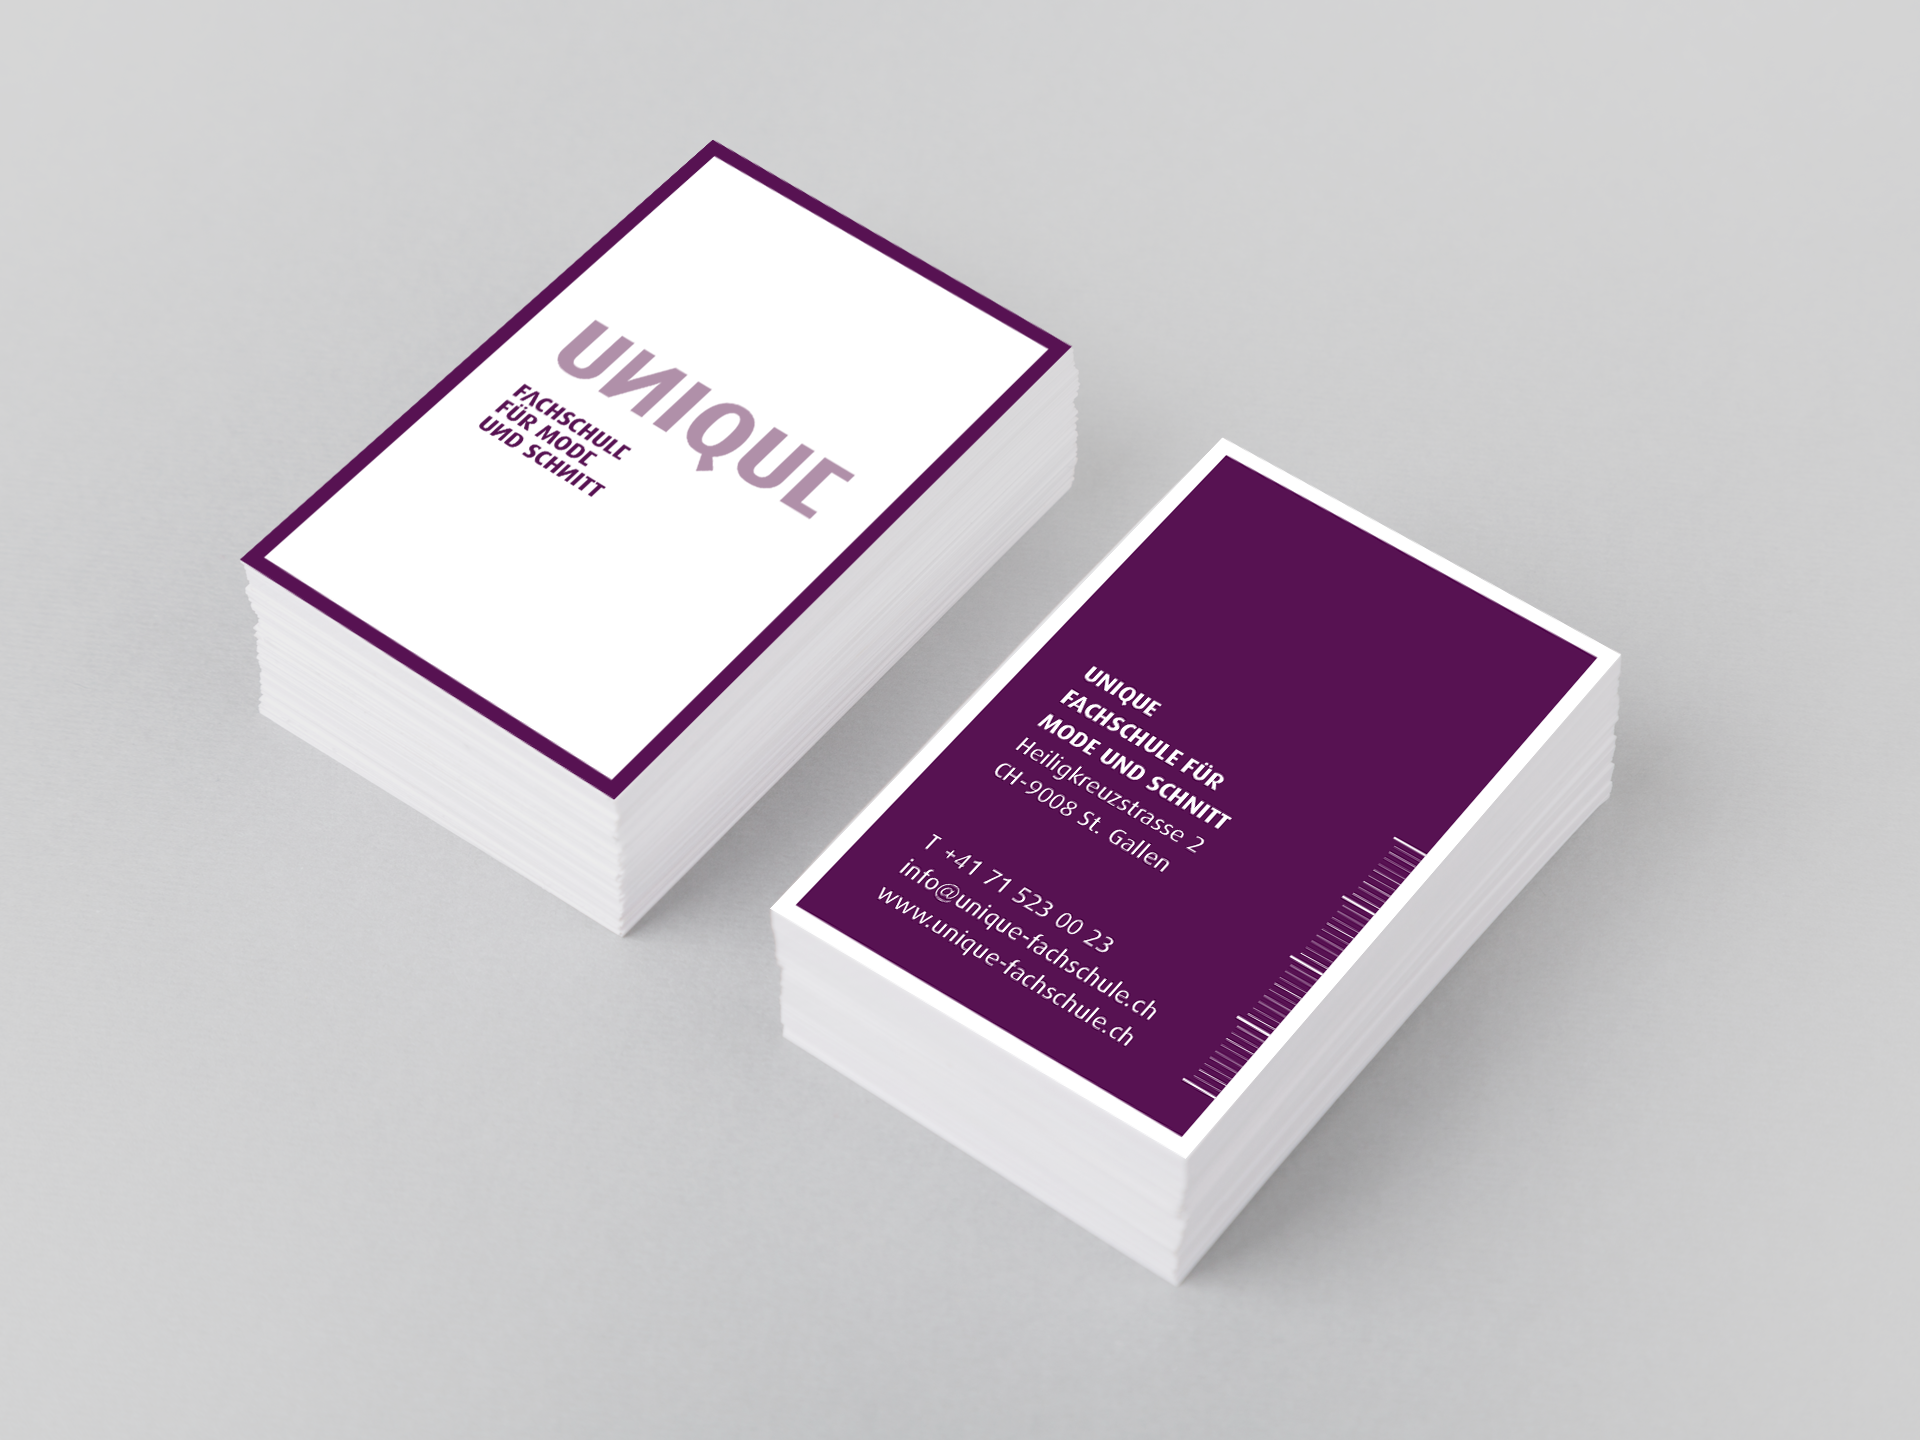 SM Graphic Design Referenzen Logo Visitenkarten Briefpapier Couvert Flyer Broschüren Facsheets Worddokumente Webdesign Corporate Identity Unique Fachschule für Mode und Schnitt St. Gallen Barbara Keel